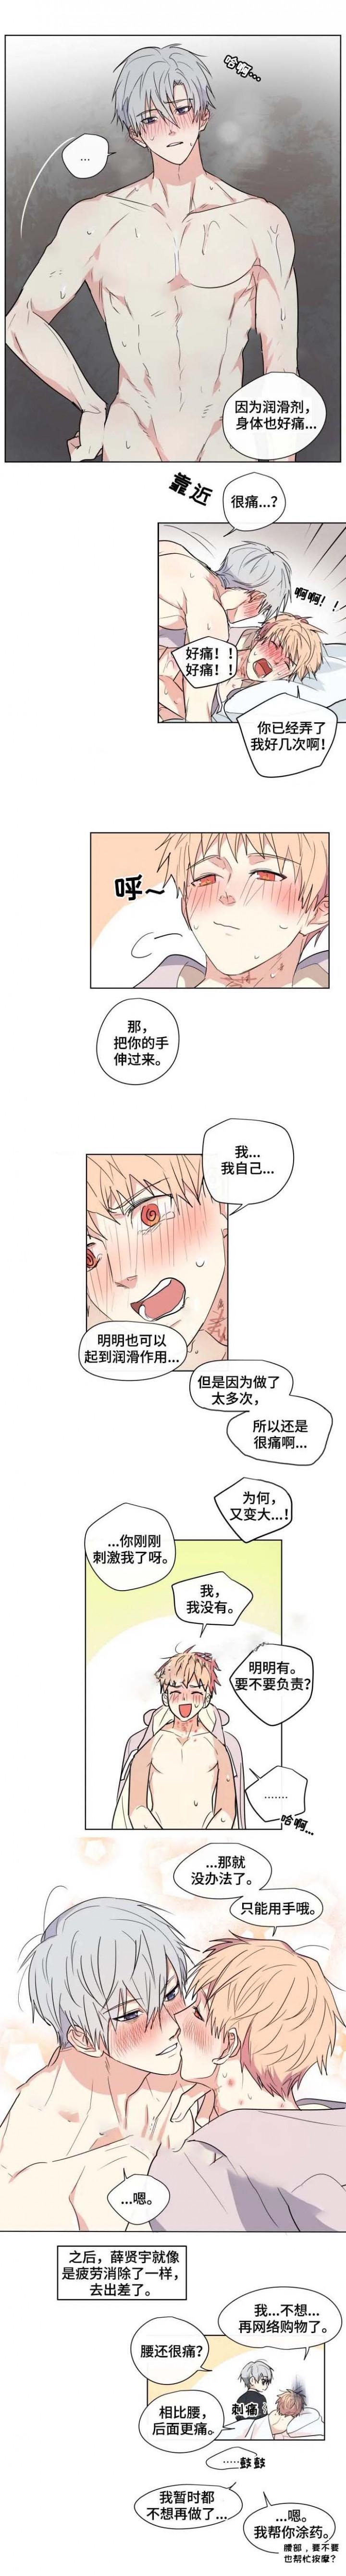 专属医生漫画第37话